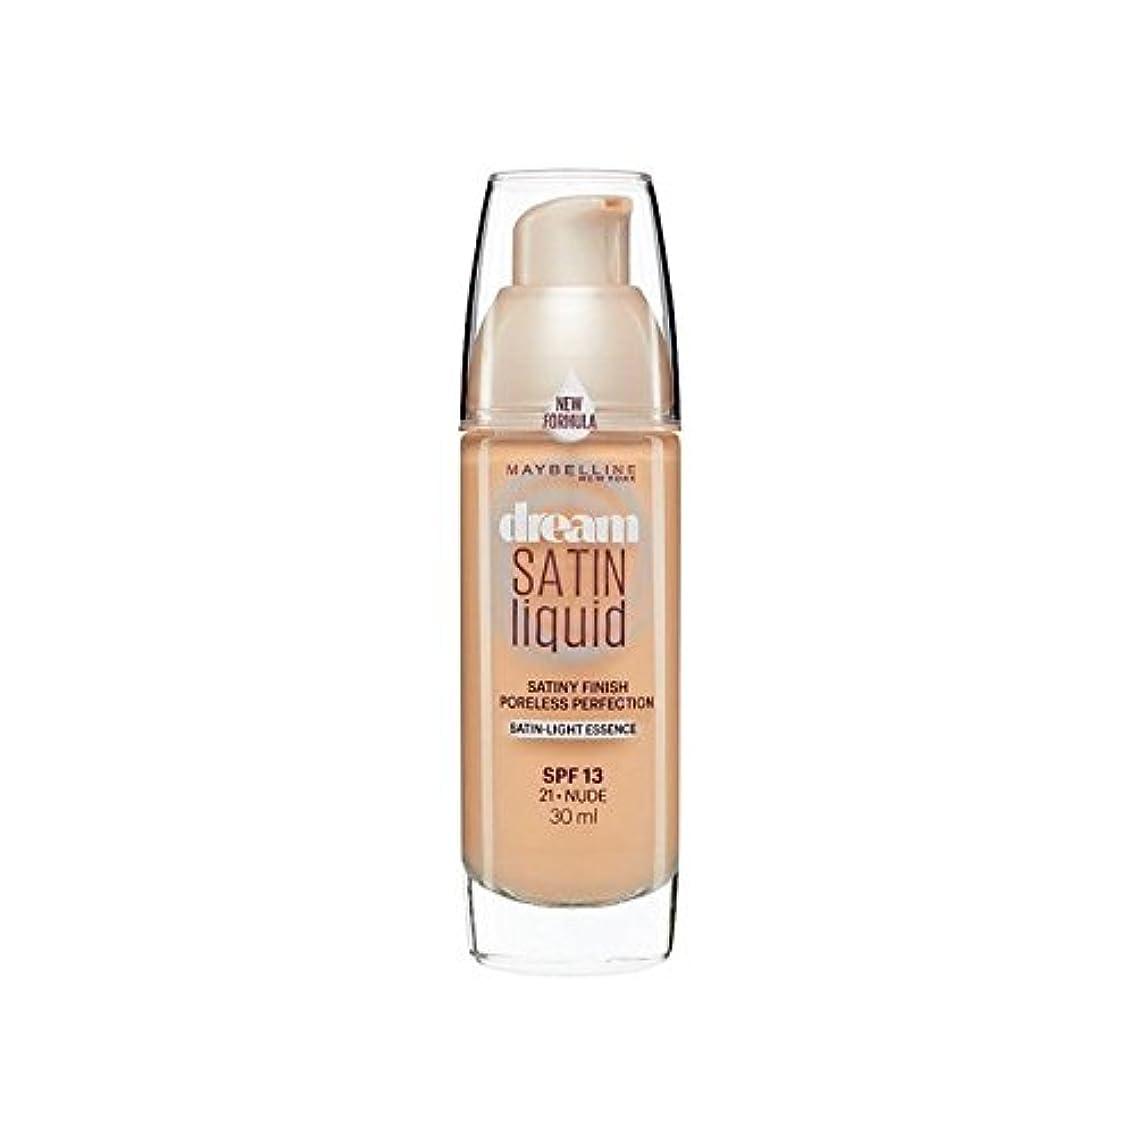 性交フラスコ代数Maybelline Dream Satin Liquid Foundation 21 Nude 30ml - メイベリン夢サテンリキッドファンデーション21ヌード30ミリリットル [並行輸入品]